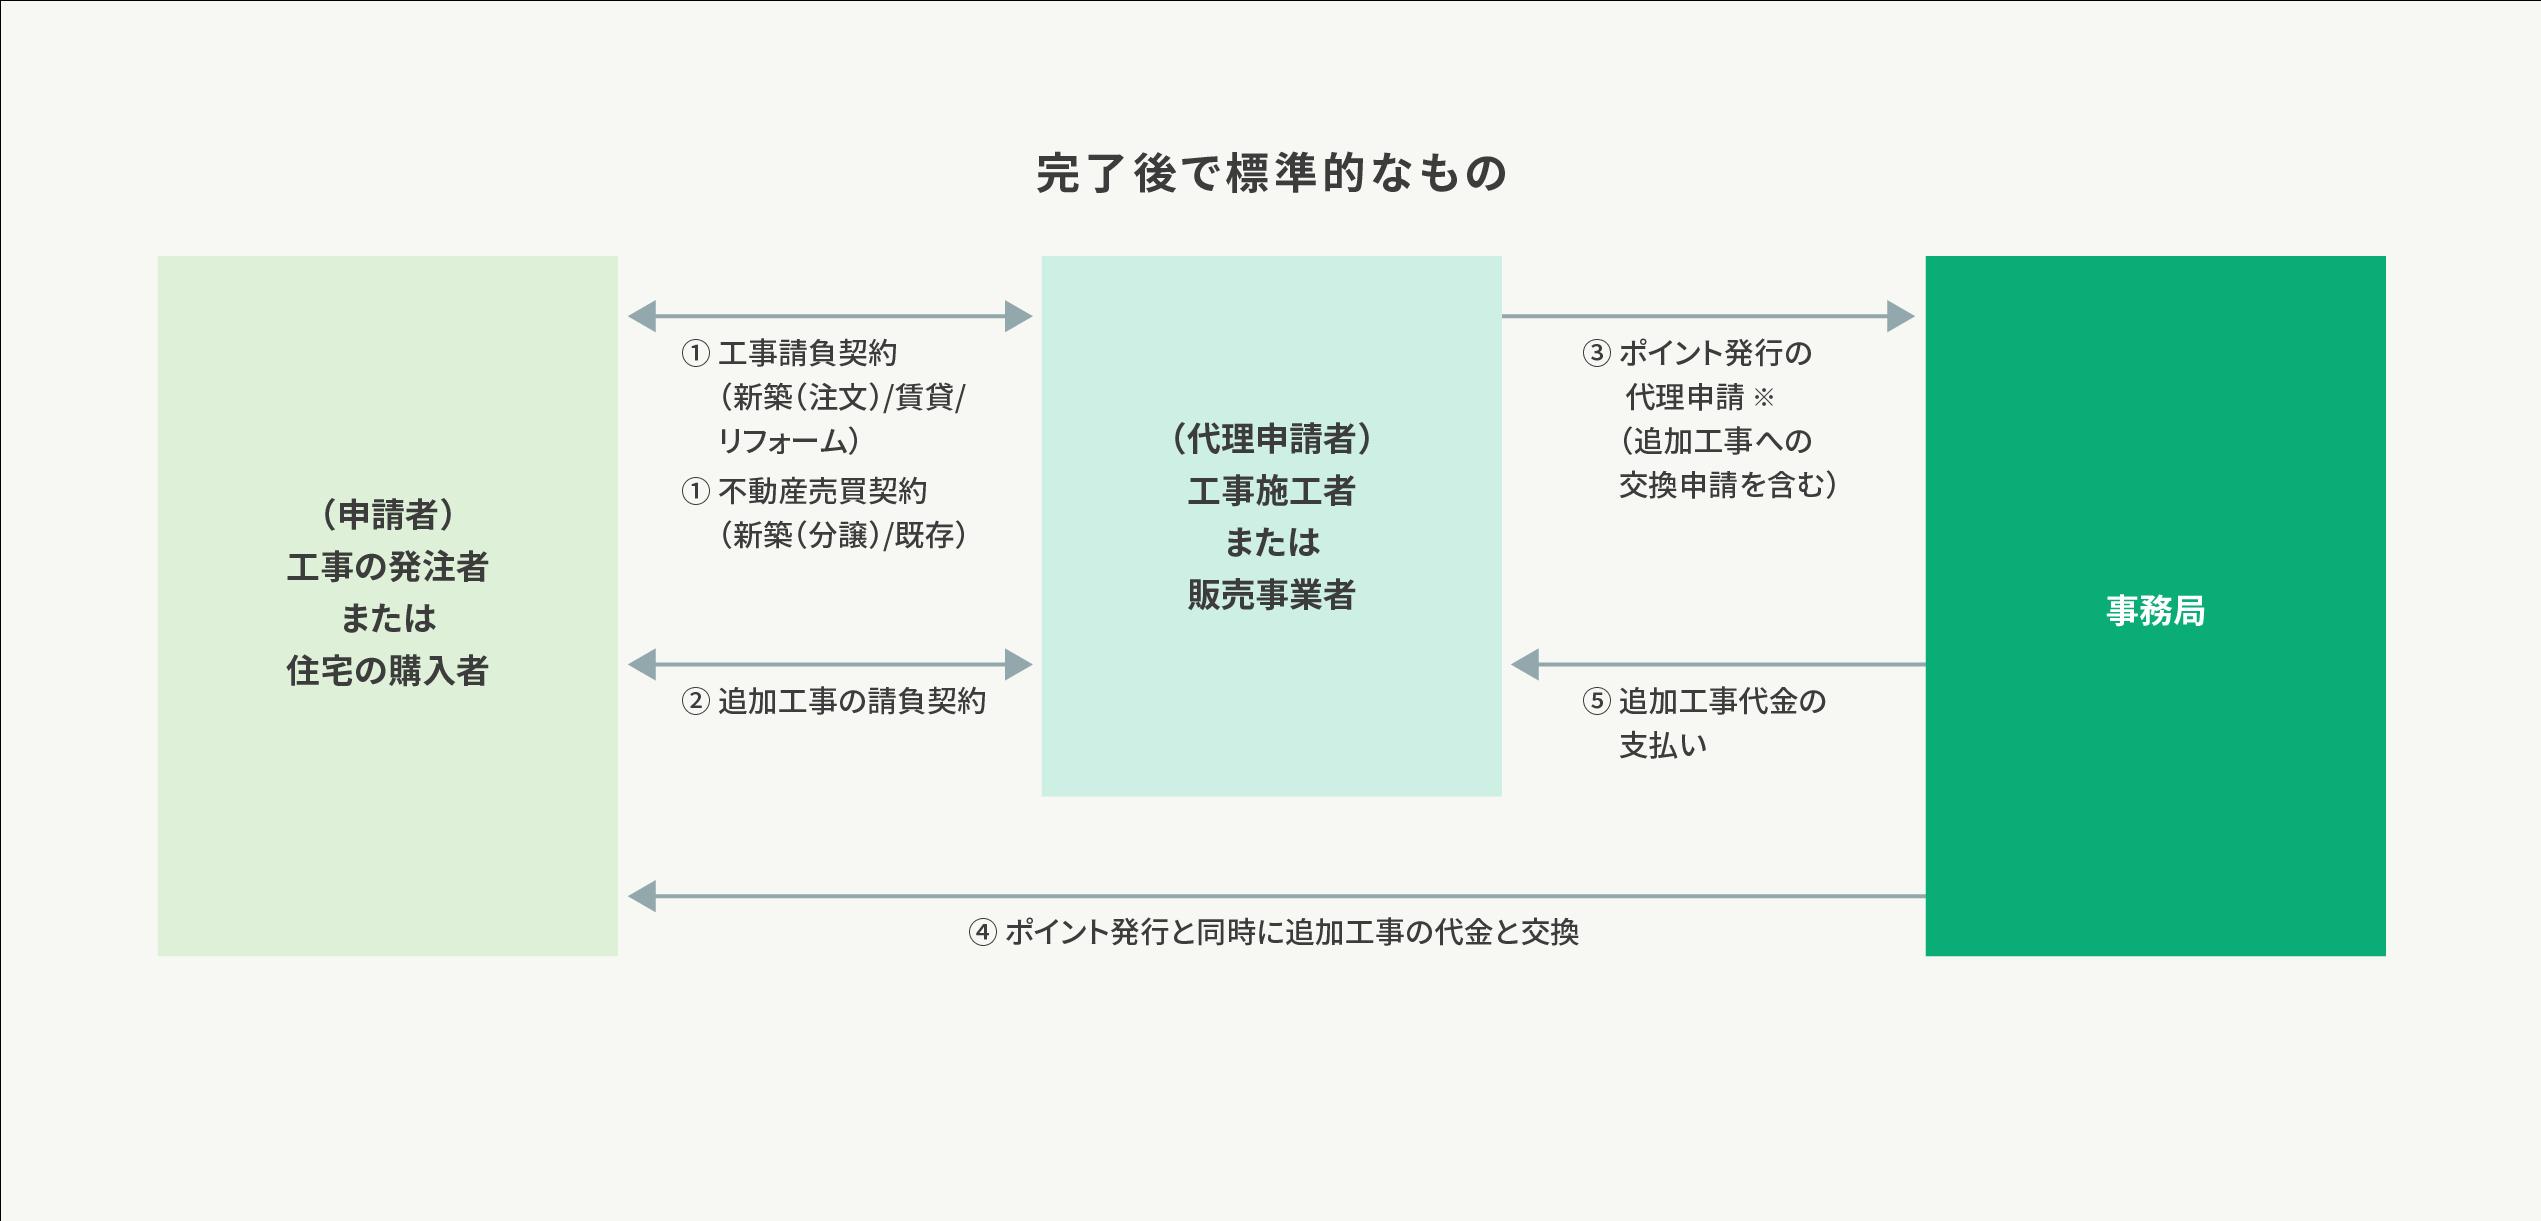 制度利用時の流れ・スケジュール_追加工事交換の場合